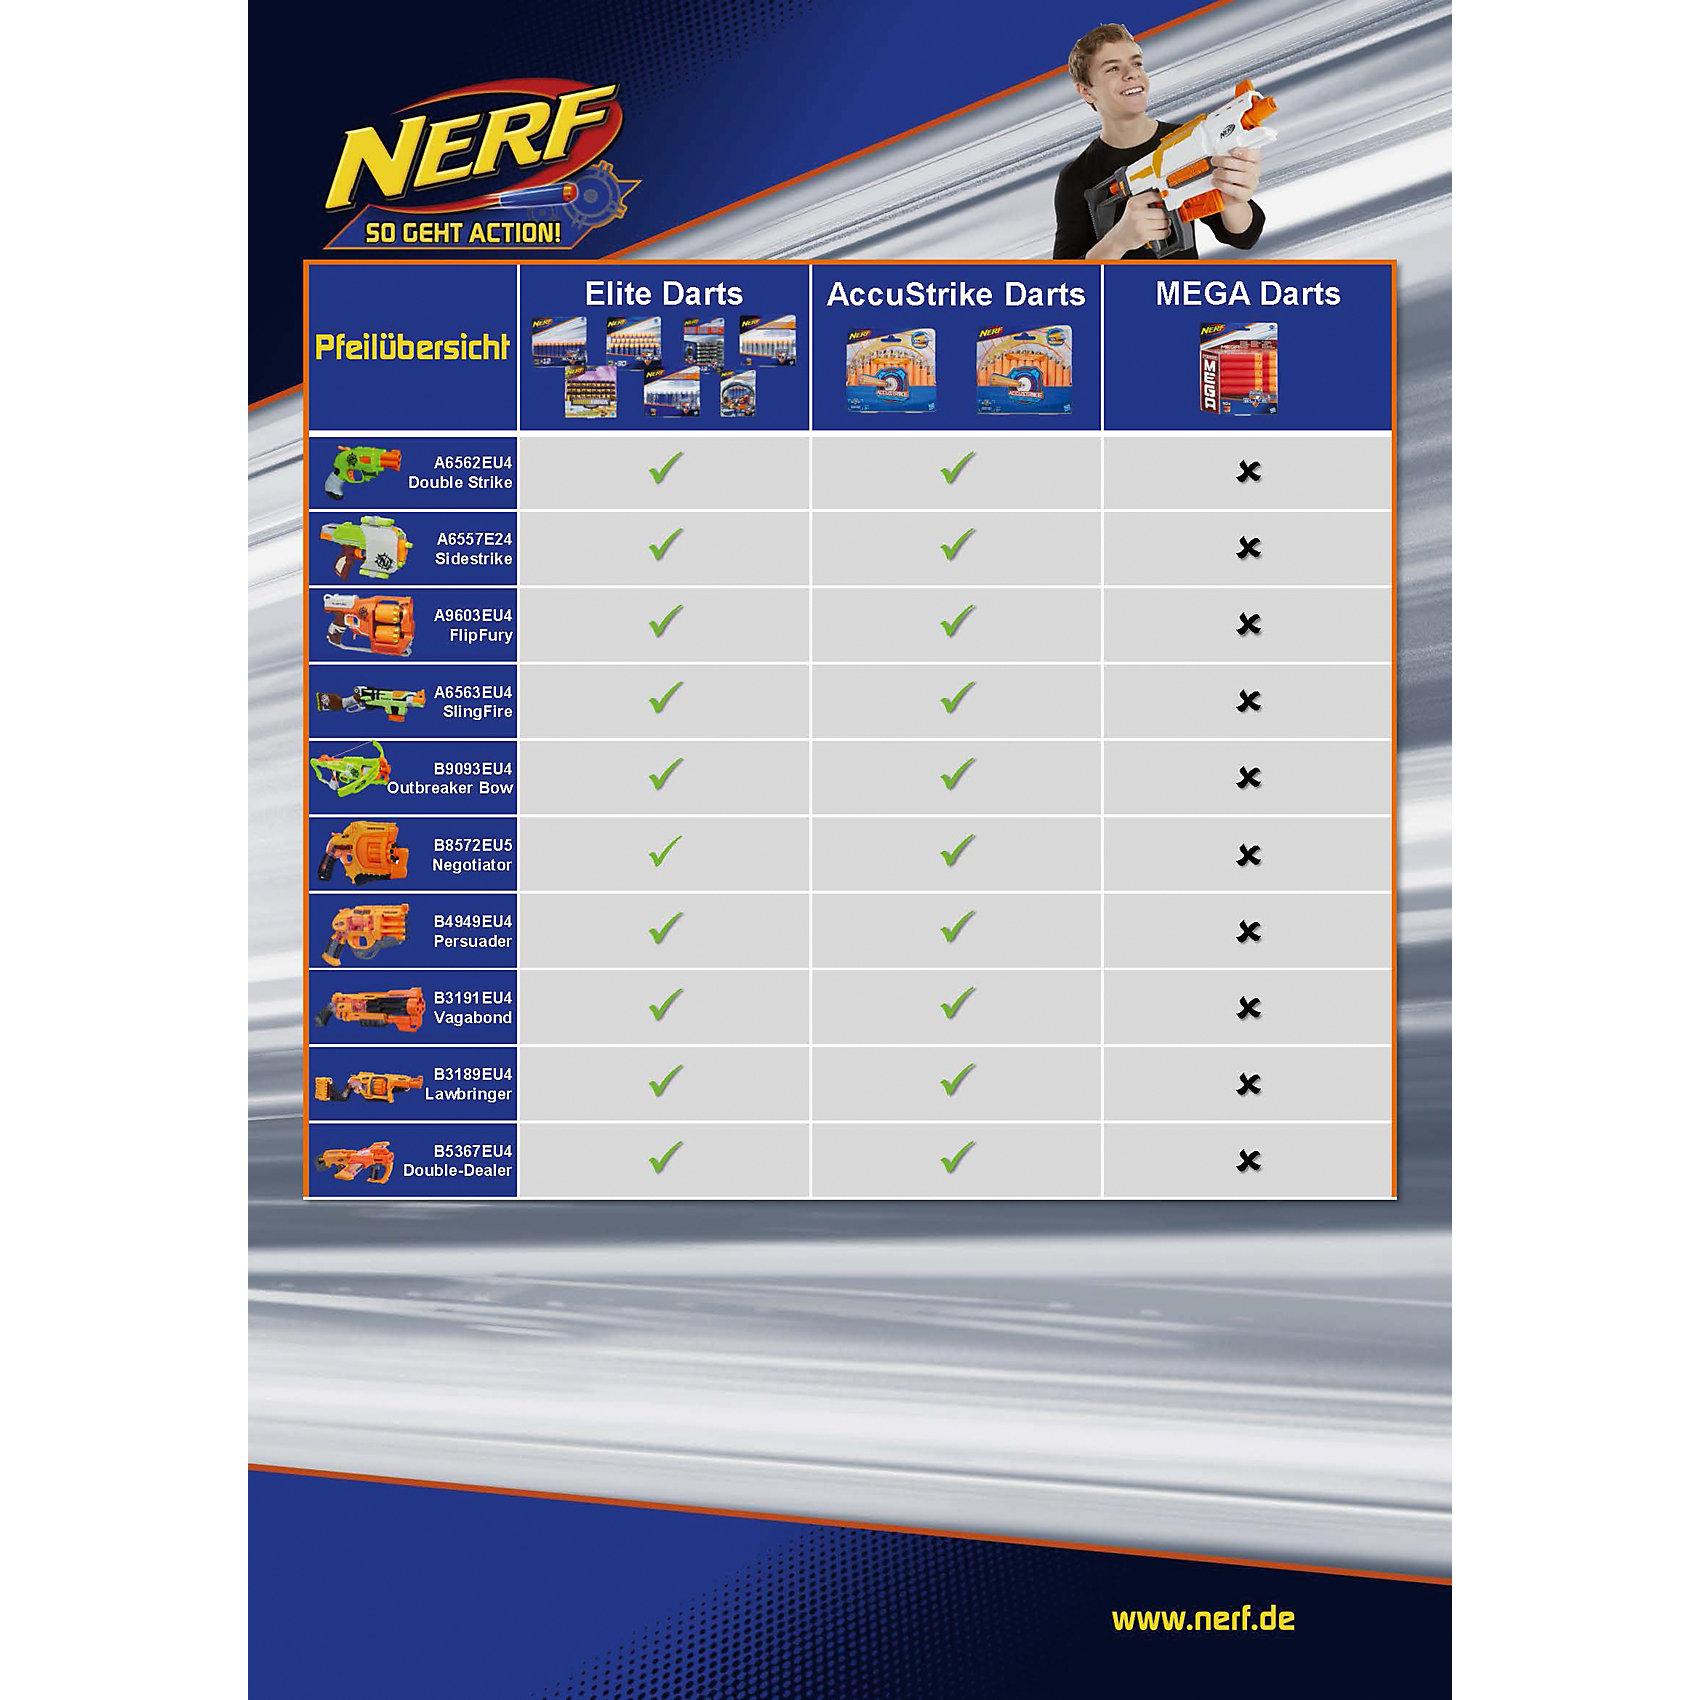 ���� ���������� � 5 �����, NERF (Hasbro)